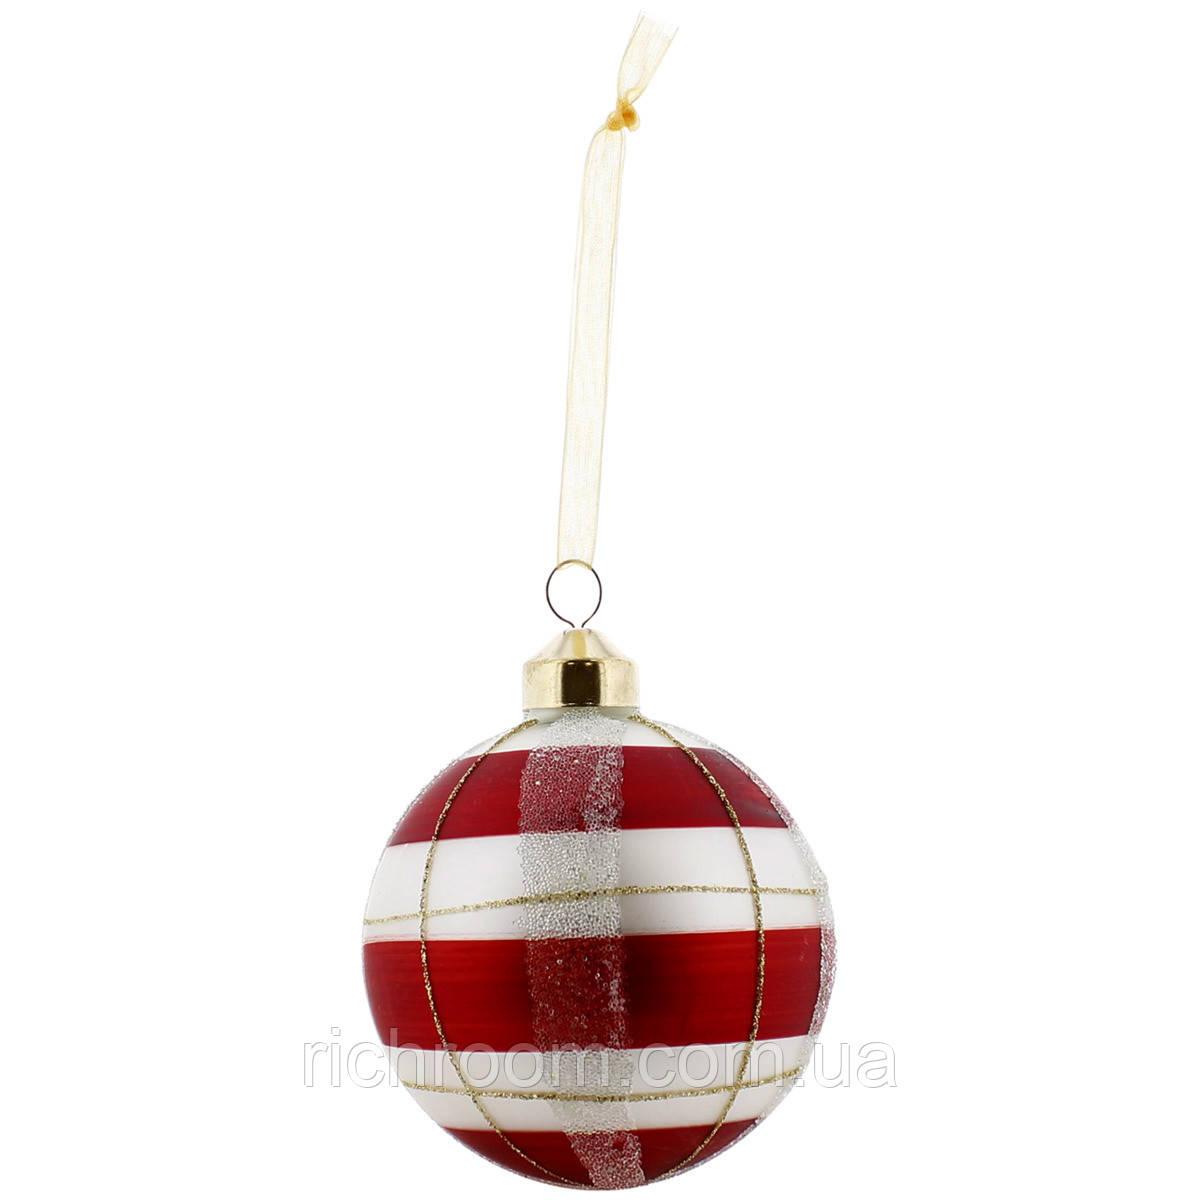 Новогодний стеклянный елочный шар в клетку KSD Ø 8 см